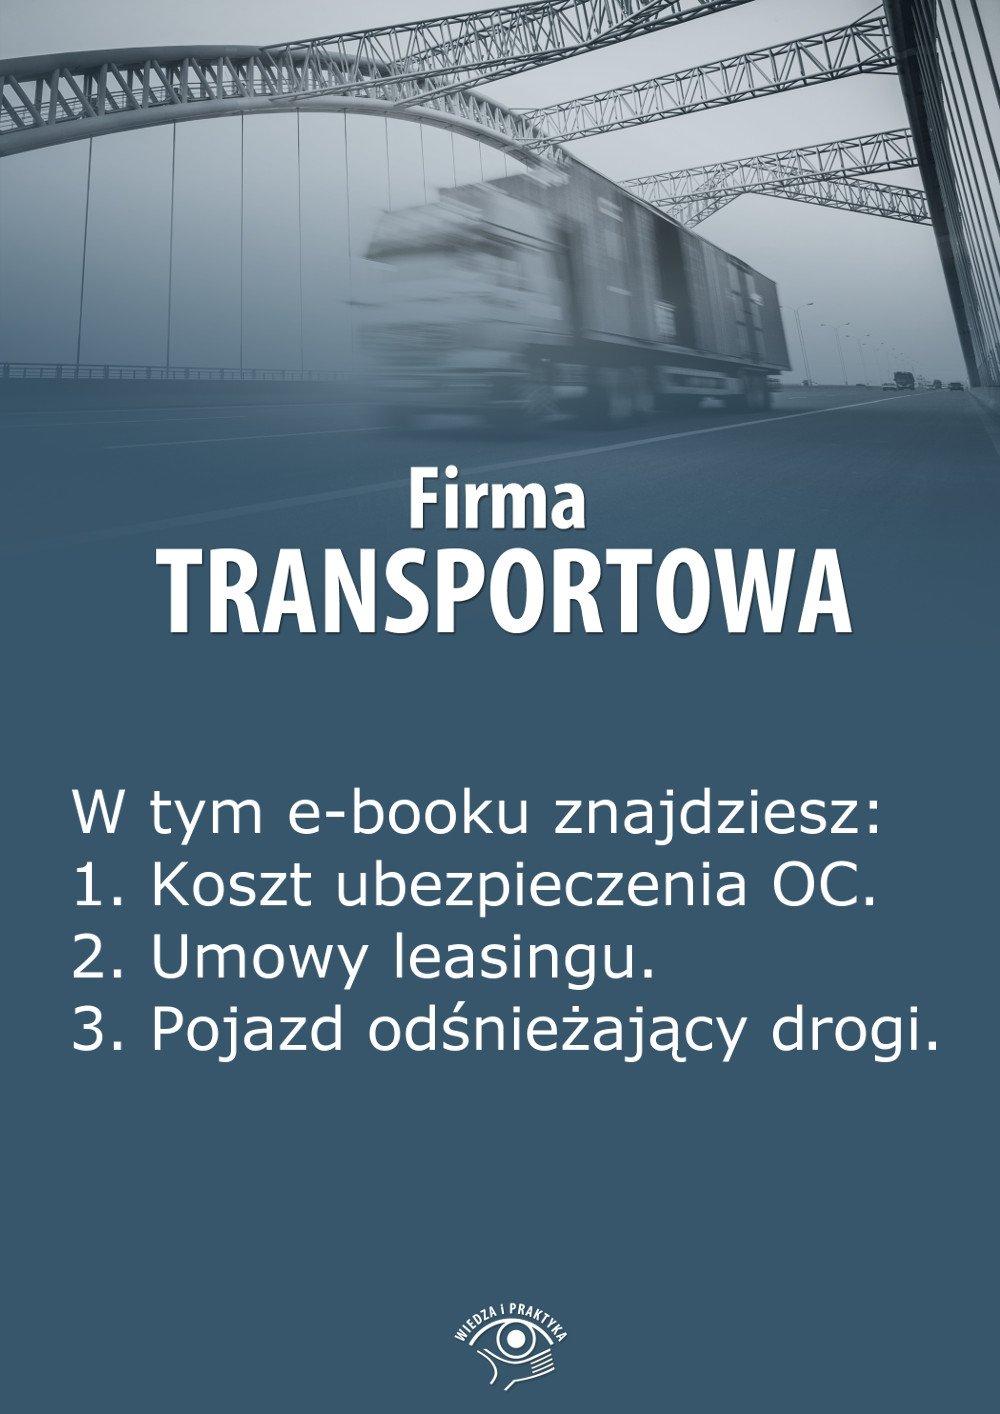 Firma transportowa. Wydanie styczeń 2014 r. - Ebook (Książka EPUB) do pobrania w formacie EPUB